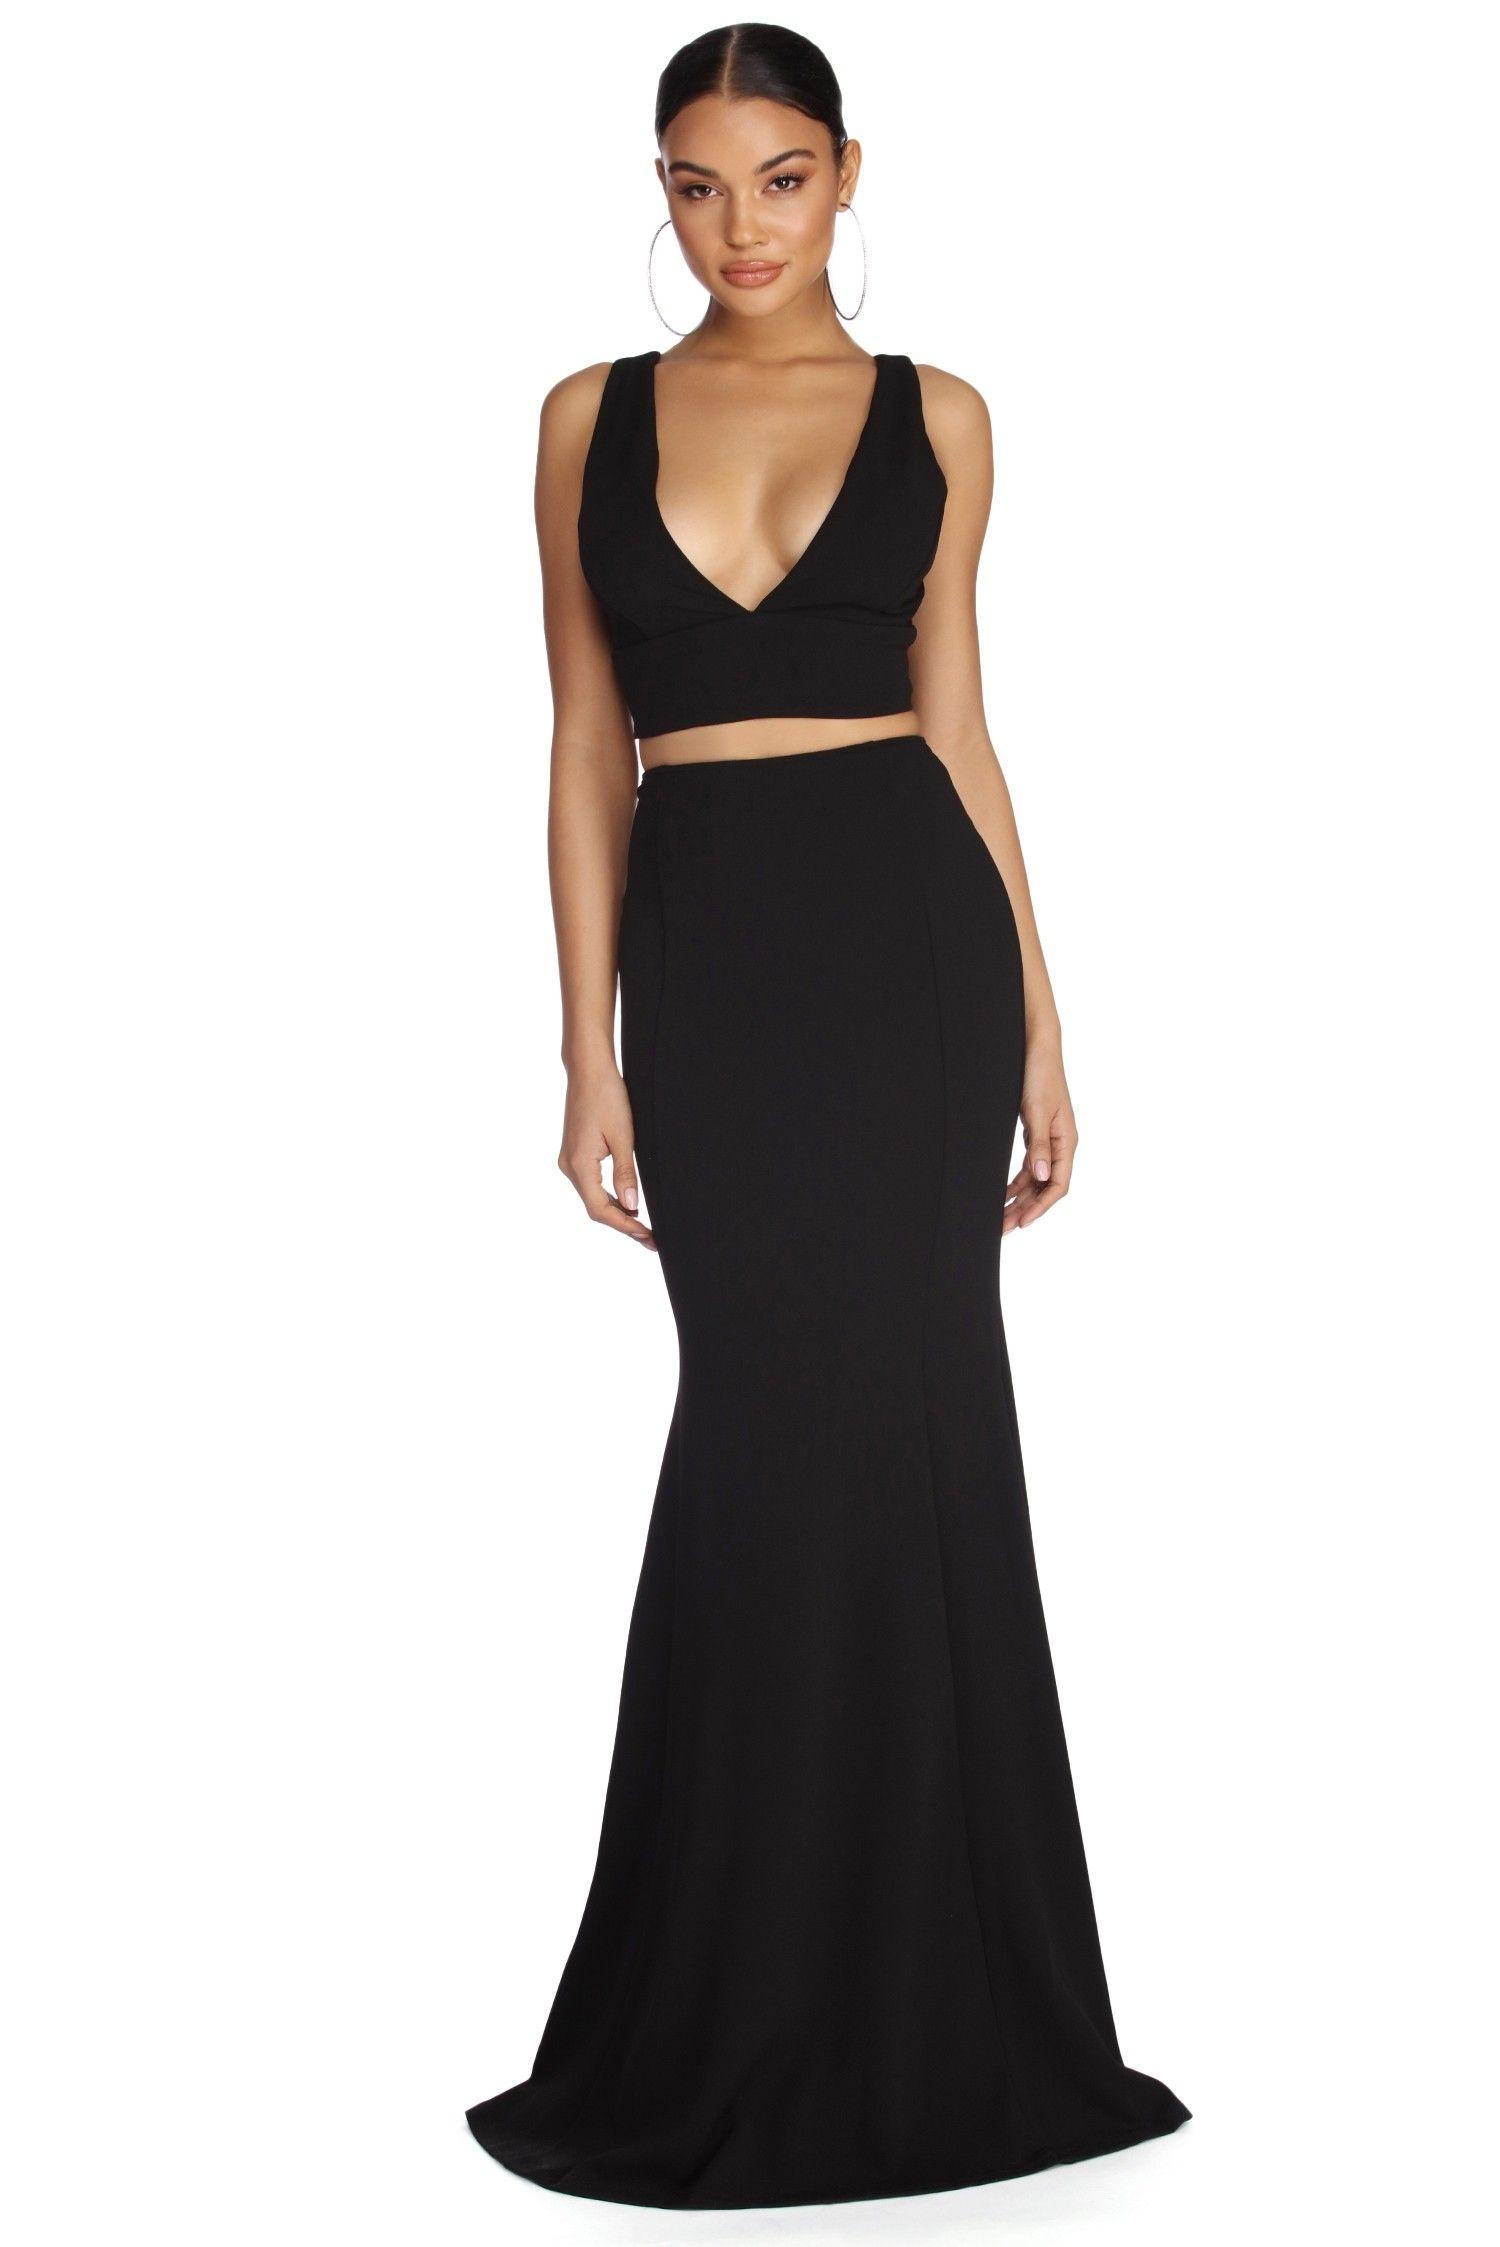 Roxanna Black Formal Lattice Two Piece Dress Black Formal Prom Dresses Formal Dresses Prom Two Piece Dress [ 2247 x 1500 Pixel ]